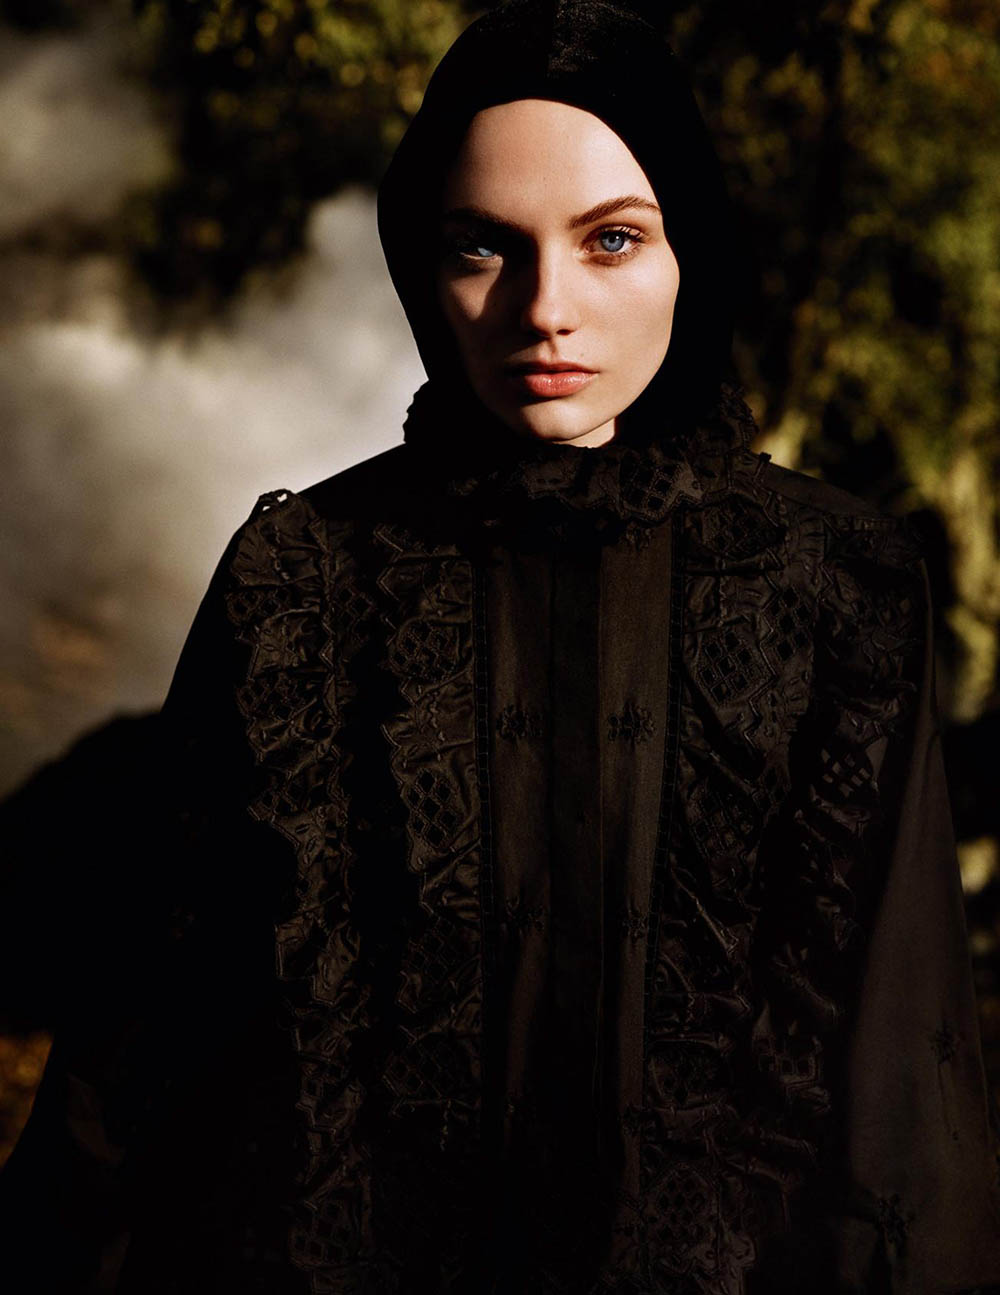 Fran Summers by Alasdair McLellan for Vogue Paris April 2019